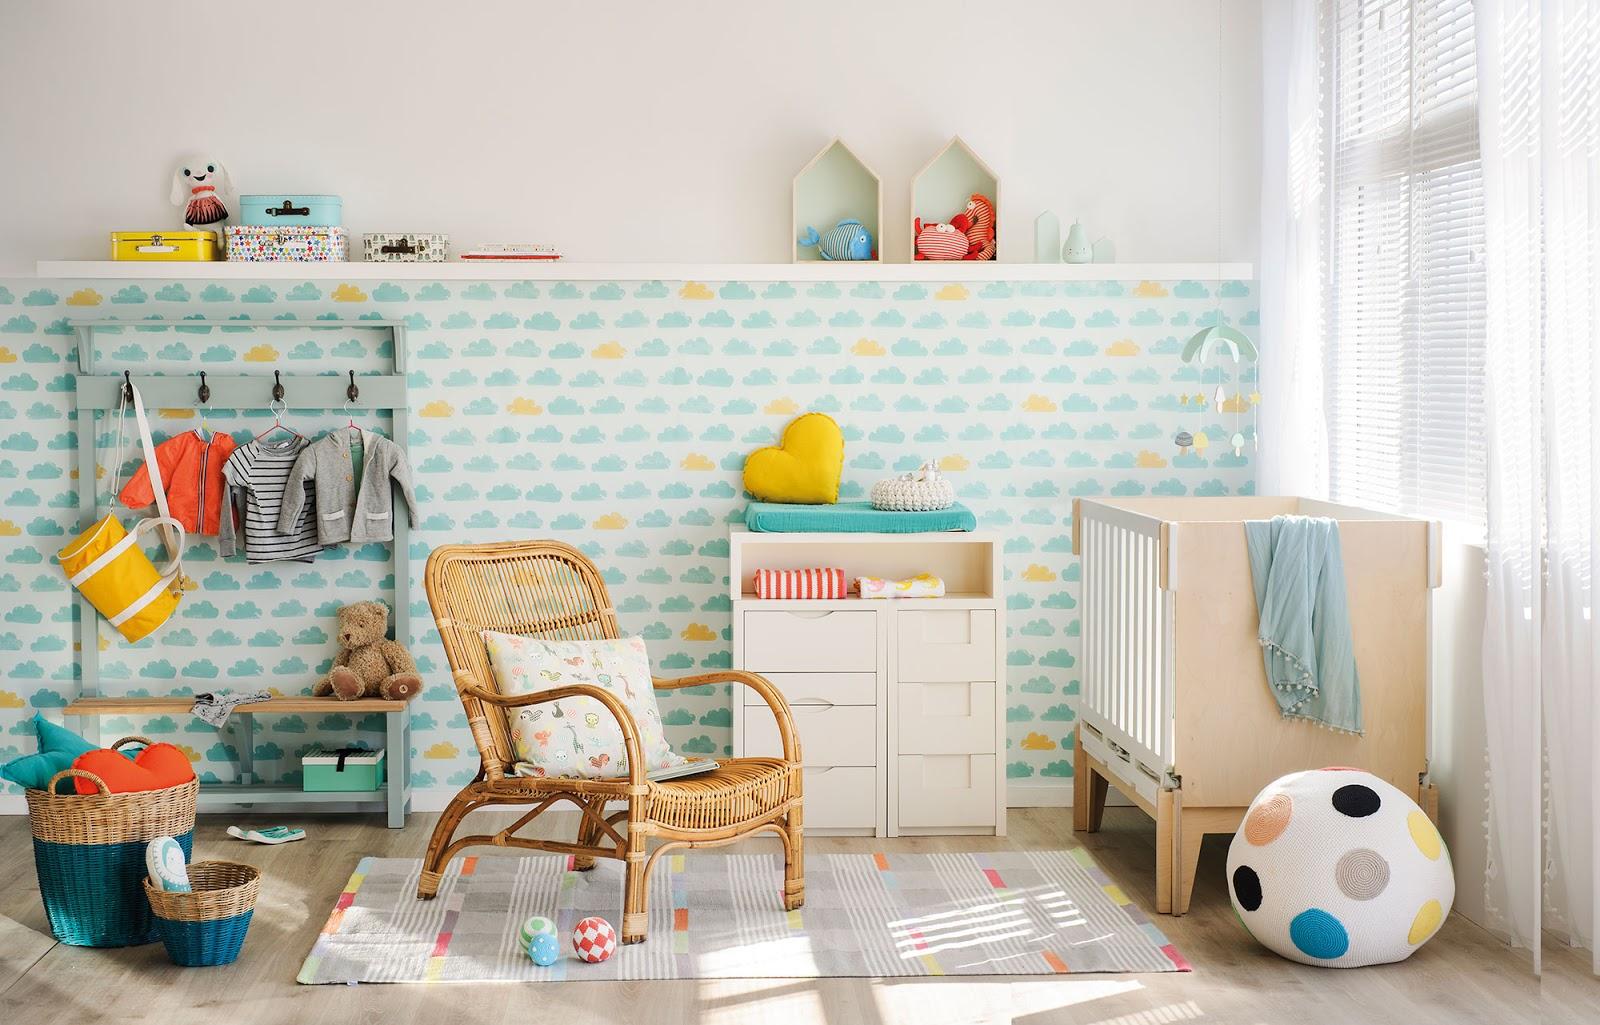 Amenajare colorată și veselă pentru camera unui bebeluș